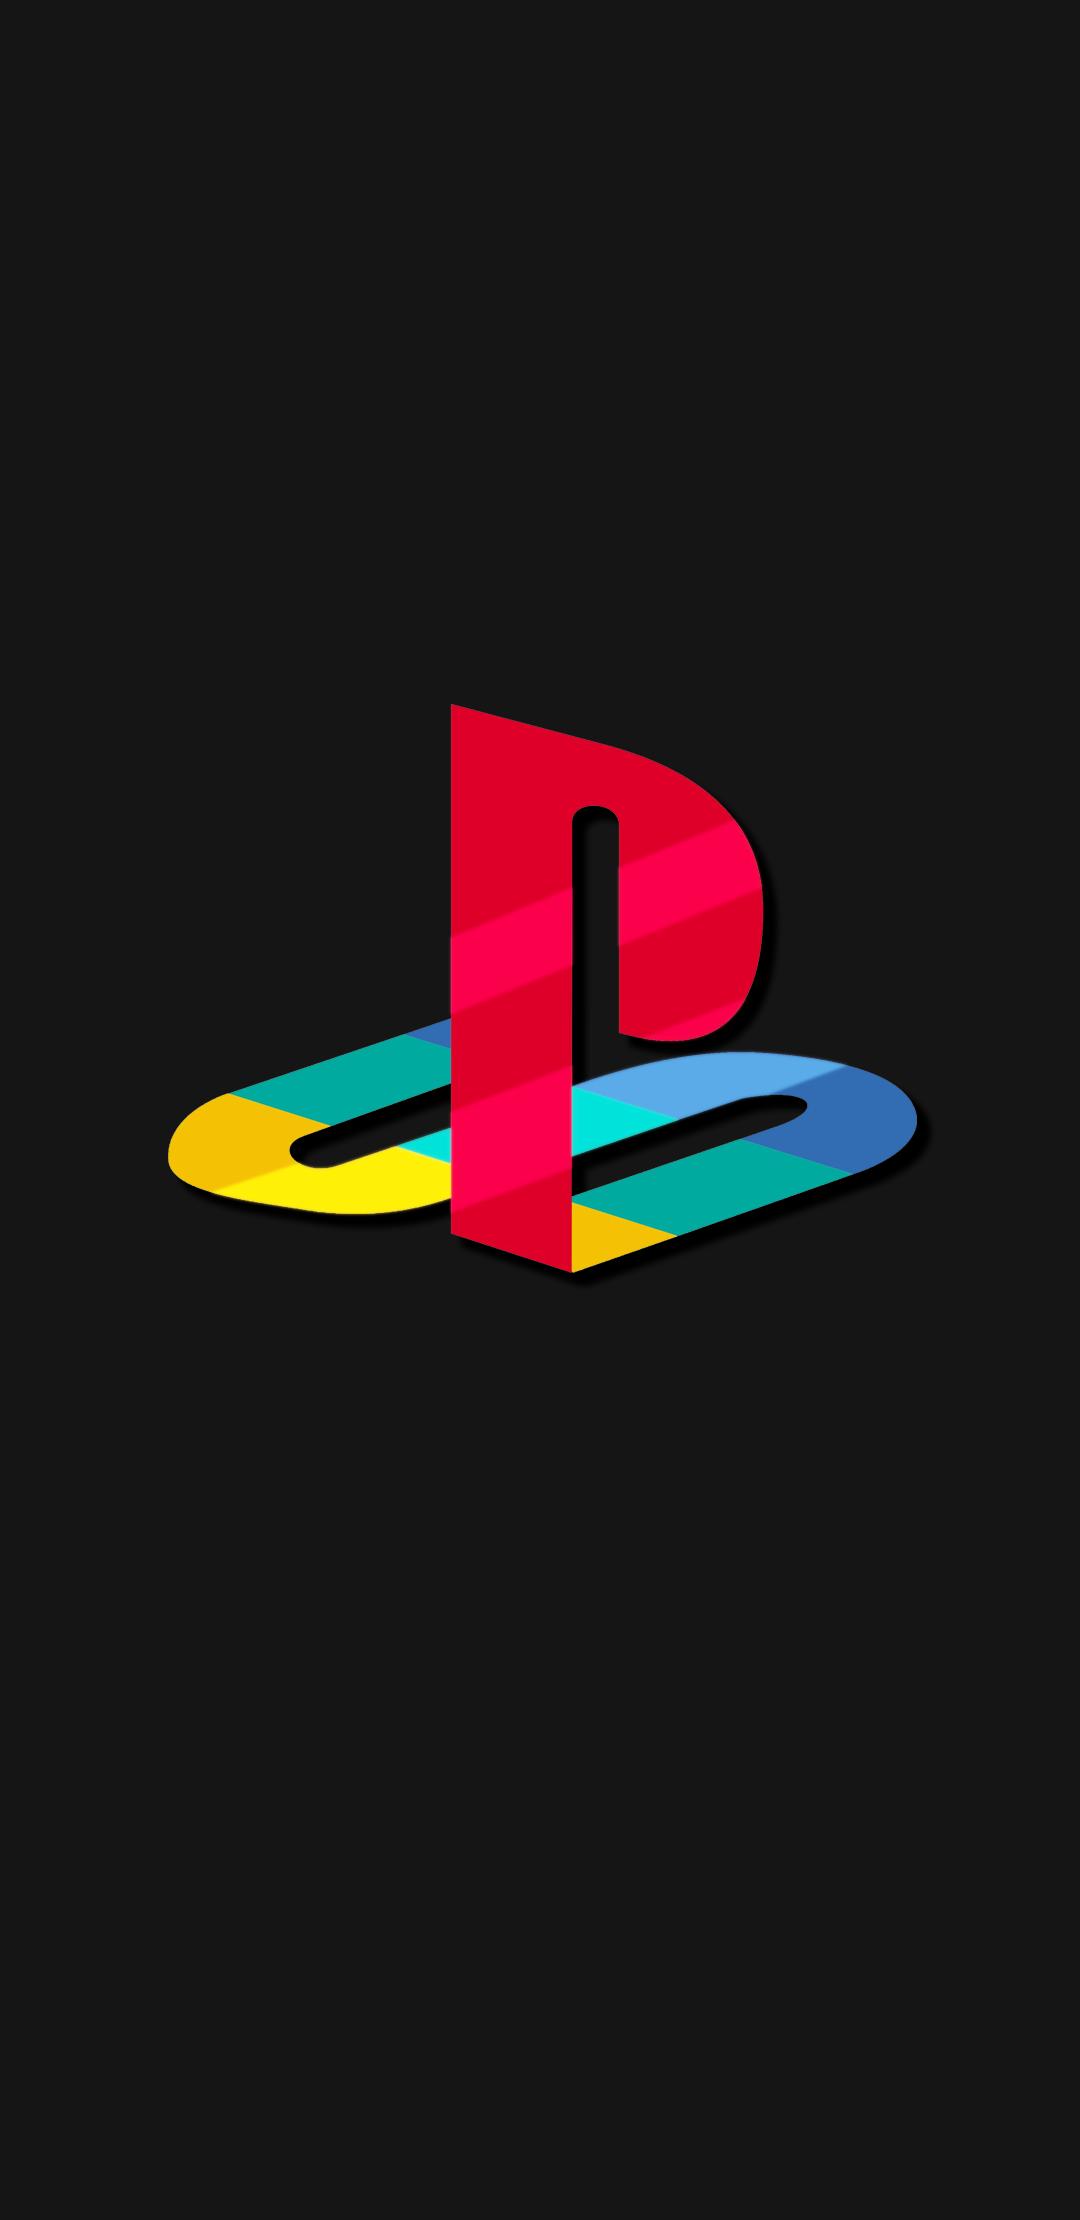 Playstation Original Logo Dark Gray Just Made It Playstation Logo Wallpaper Diy Crafts Phone Wallpaper